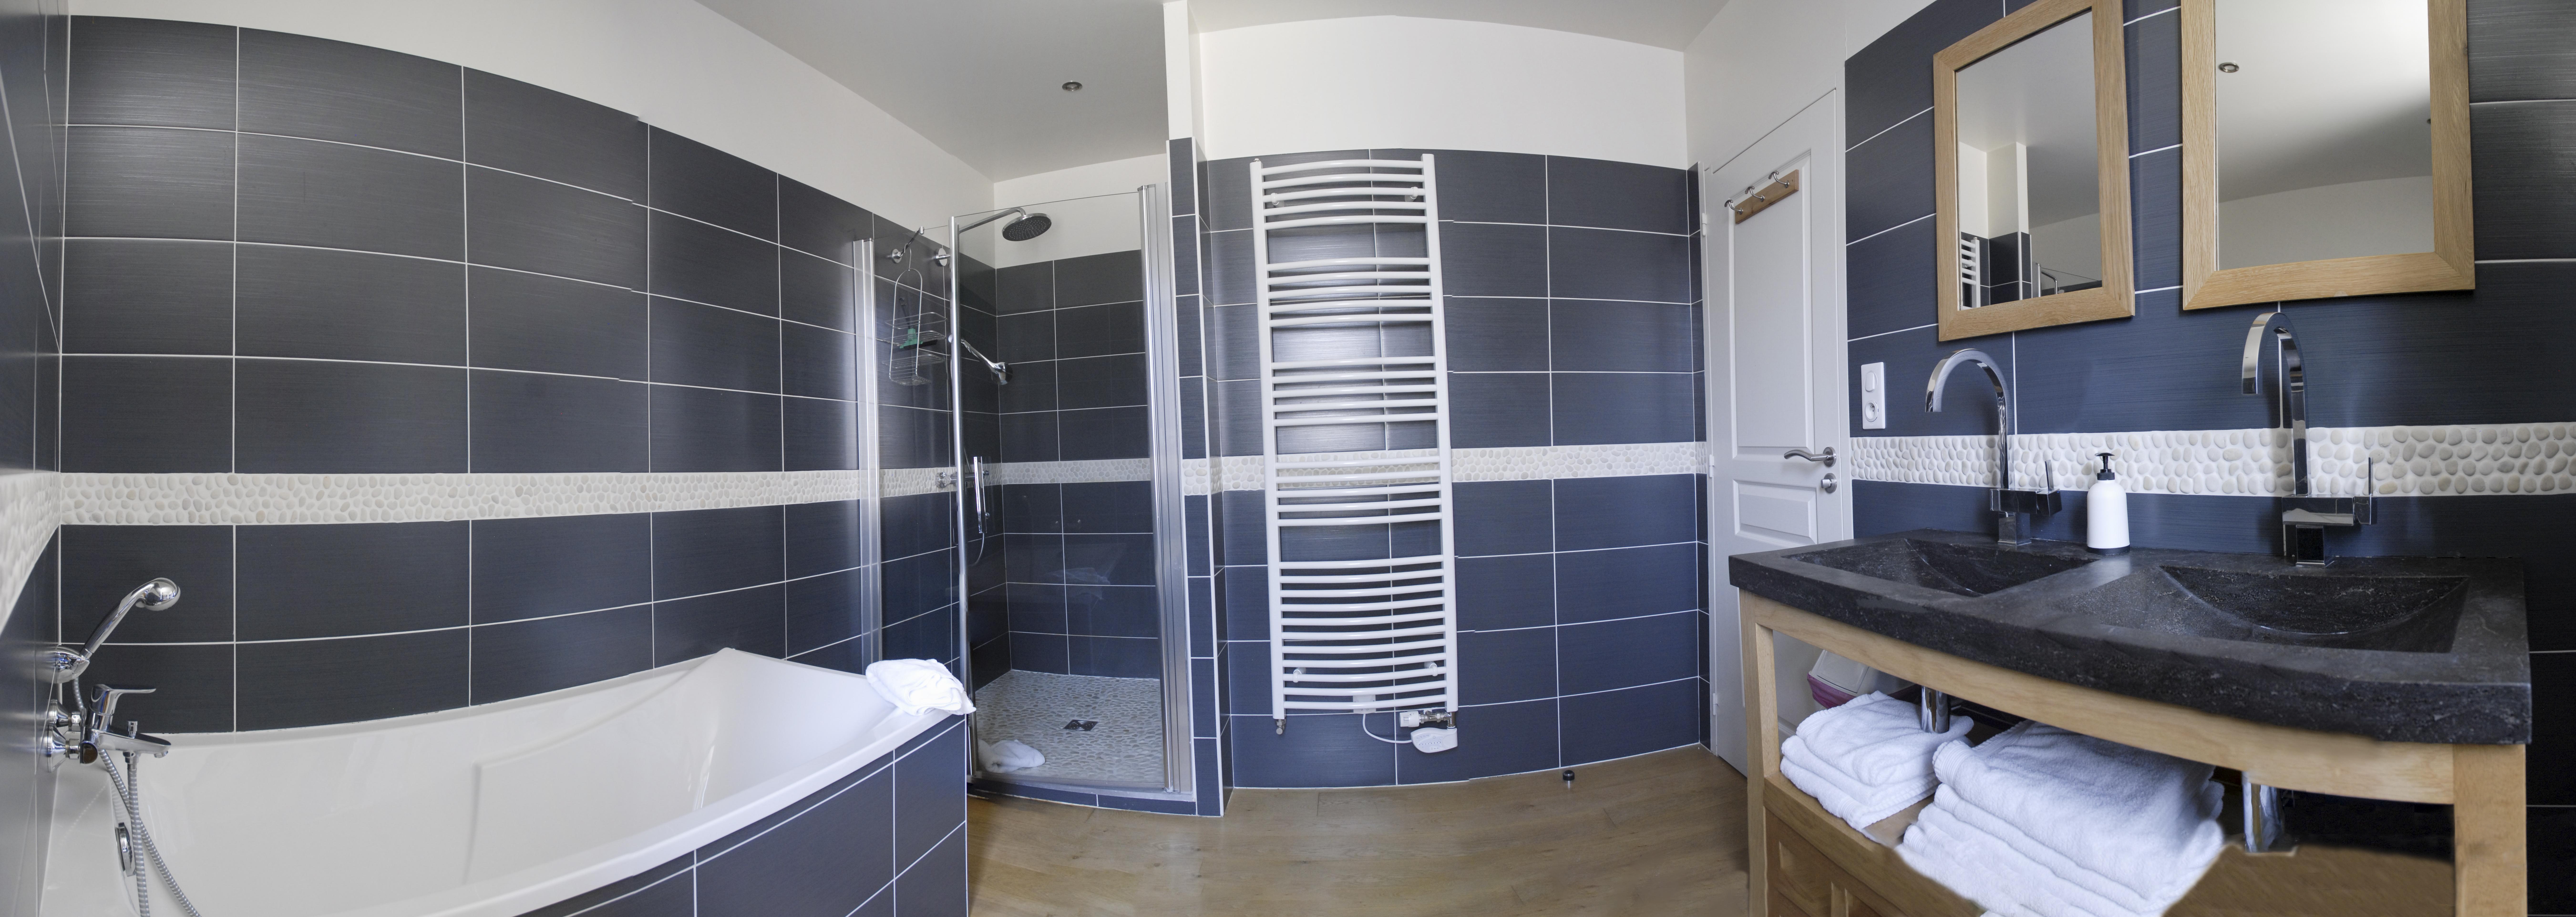 Salle_de_bain_commune_étage_1.2